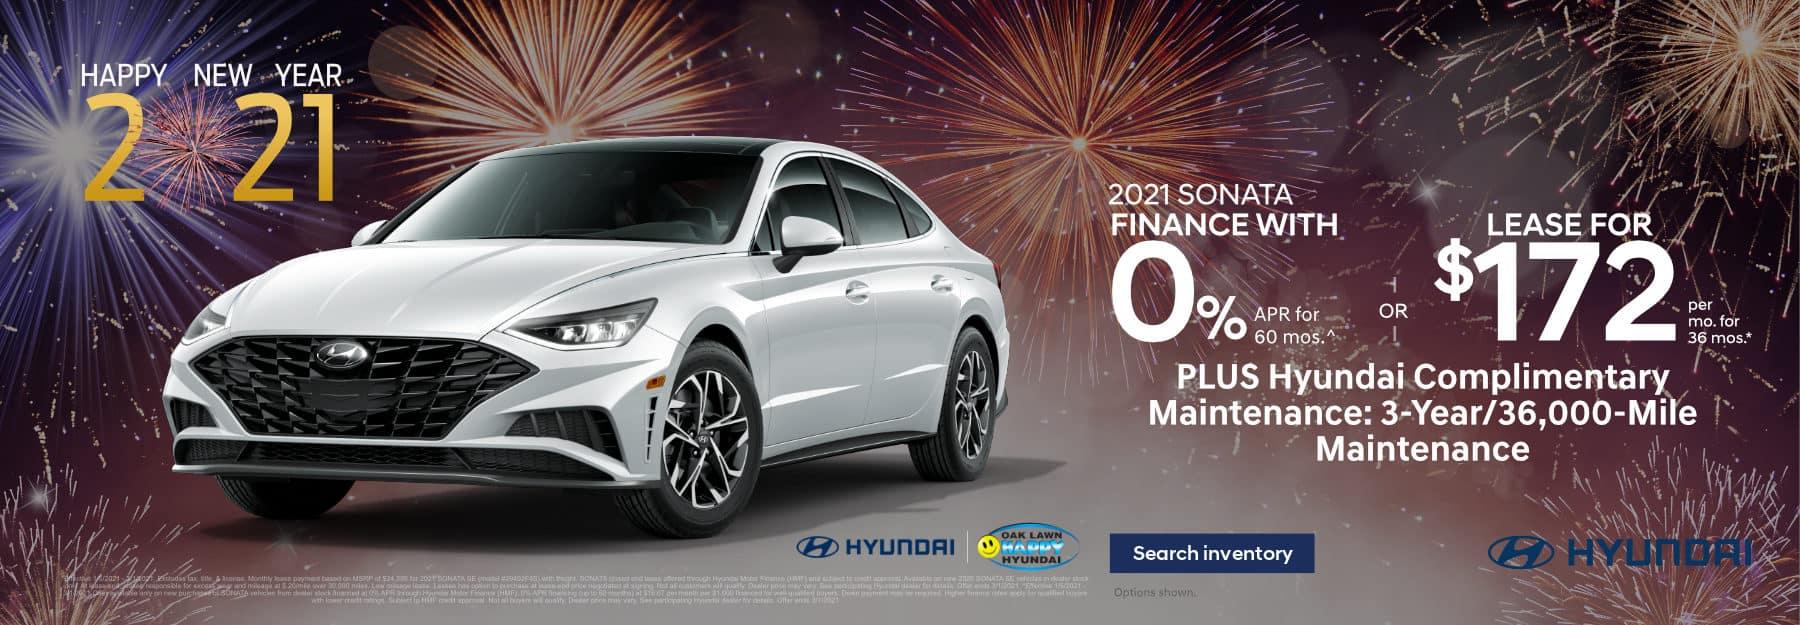 January_2021_Sonata_Happy_Hyundai